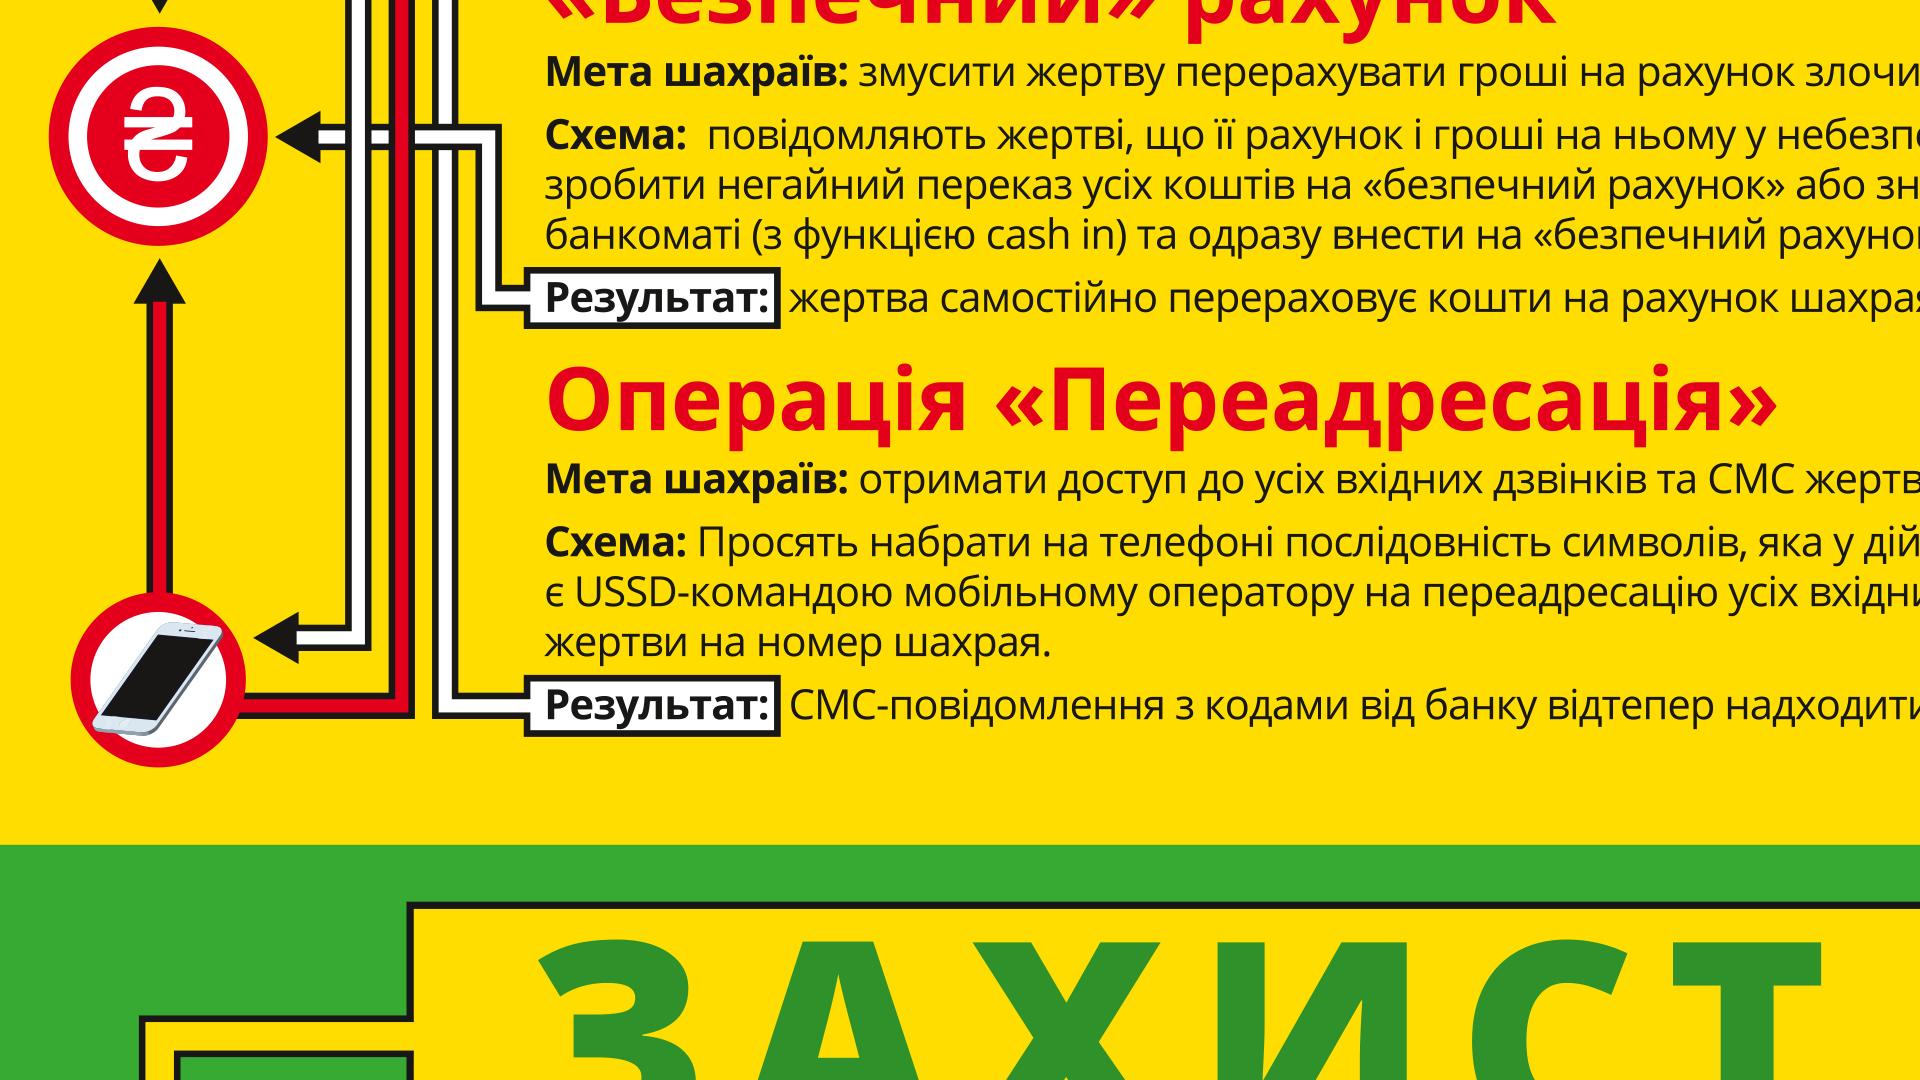 «Банк» на дроті. Шахрайські схеми + інфографіка.